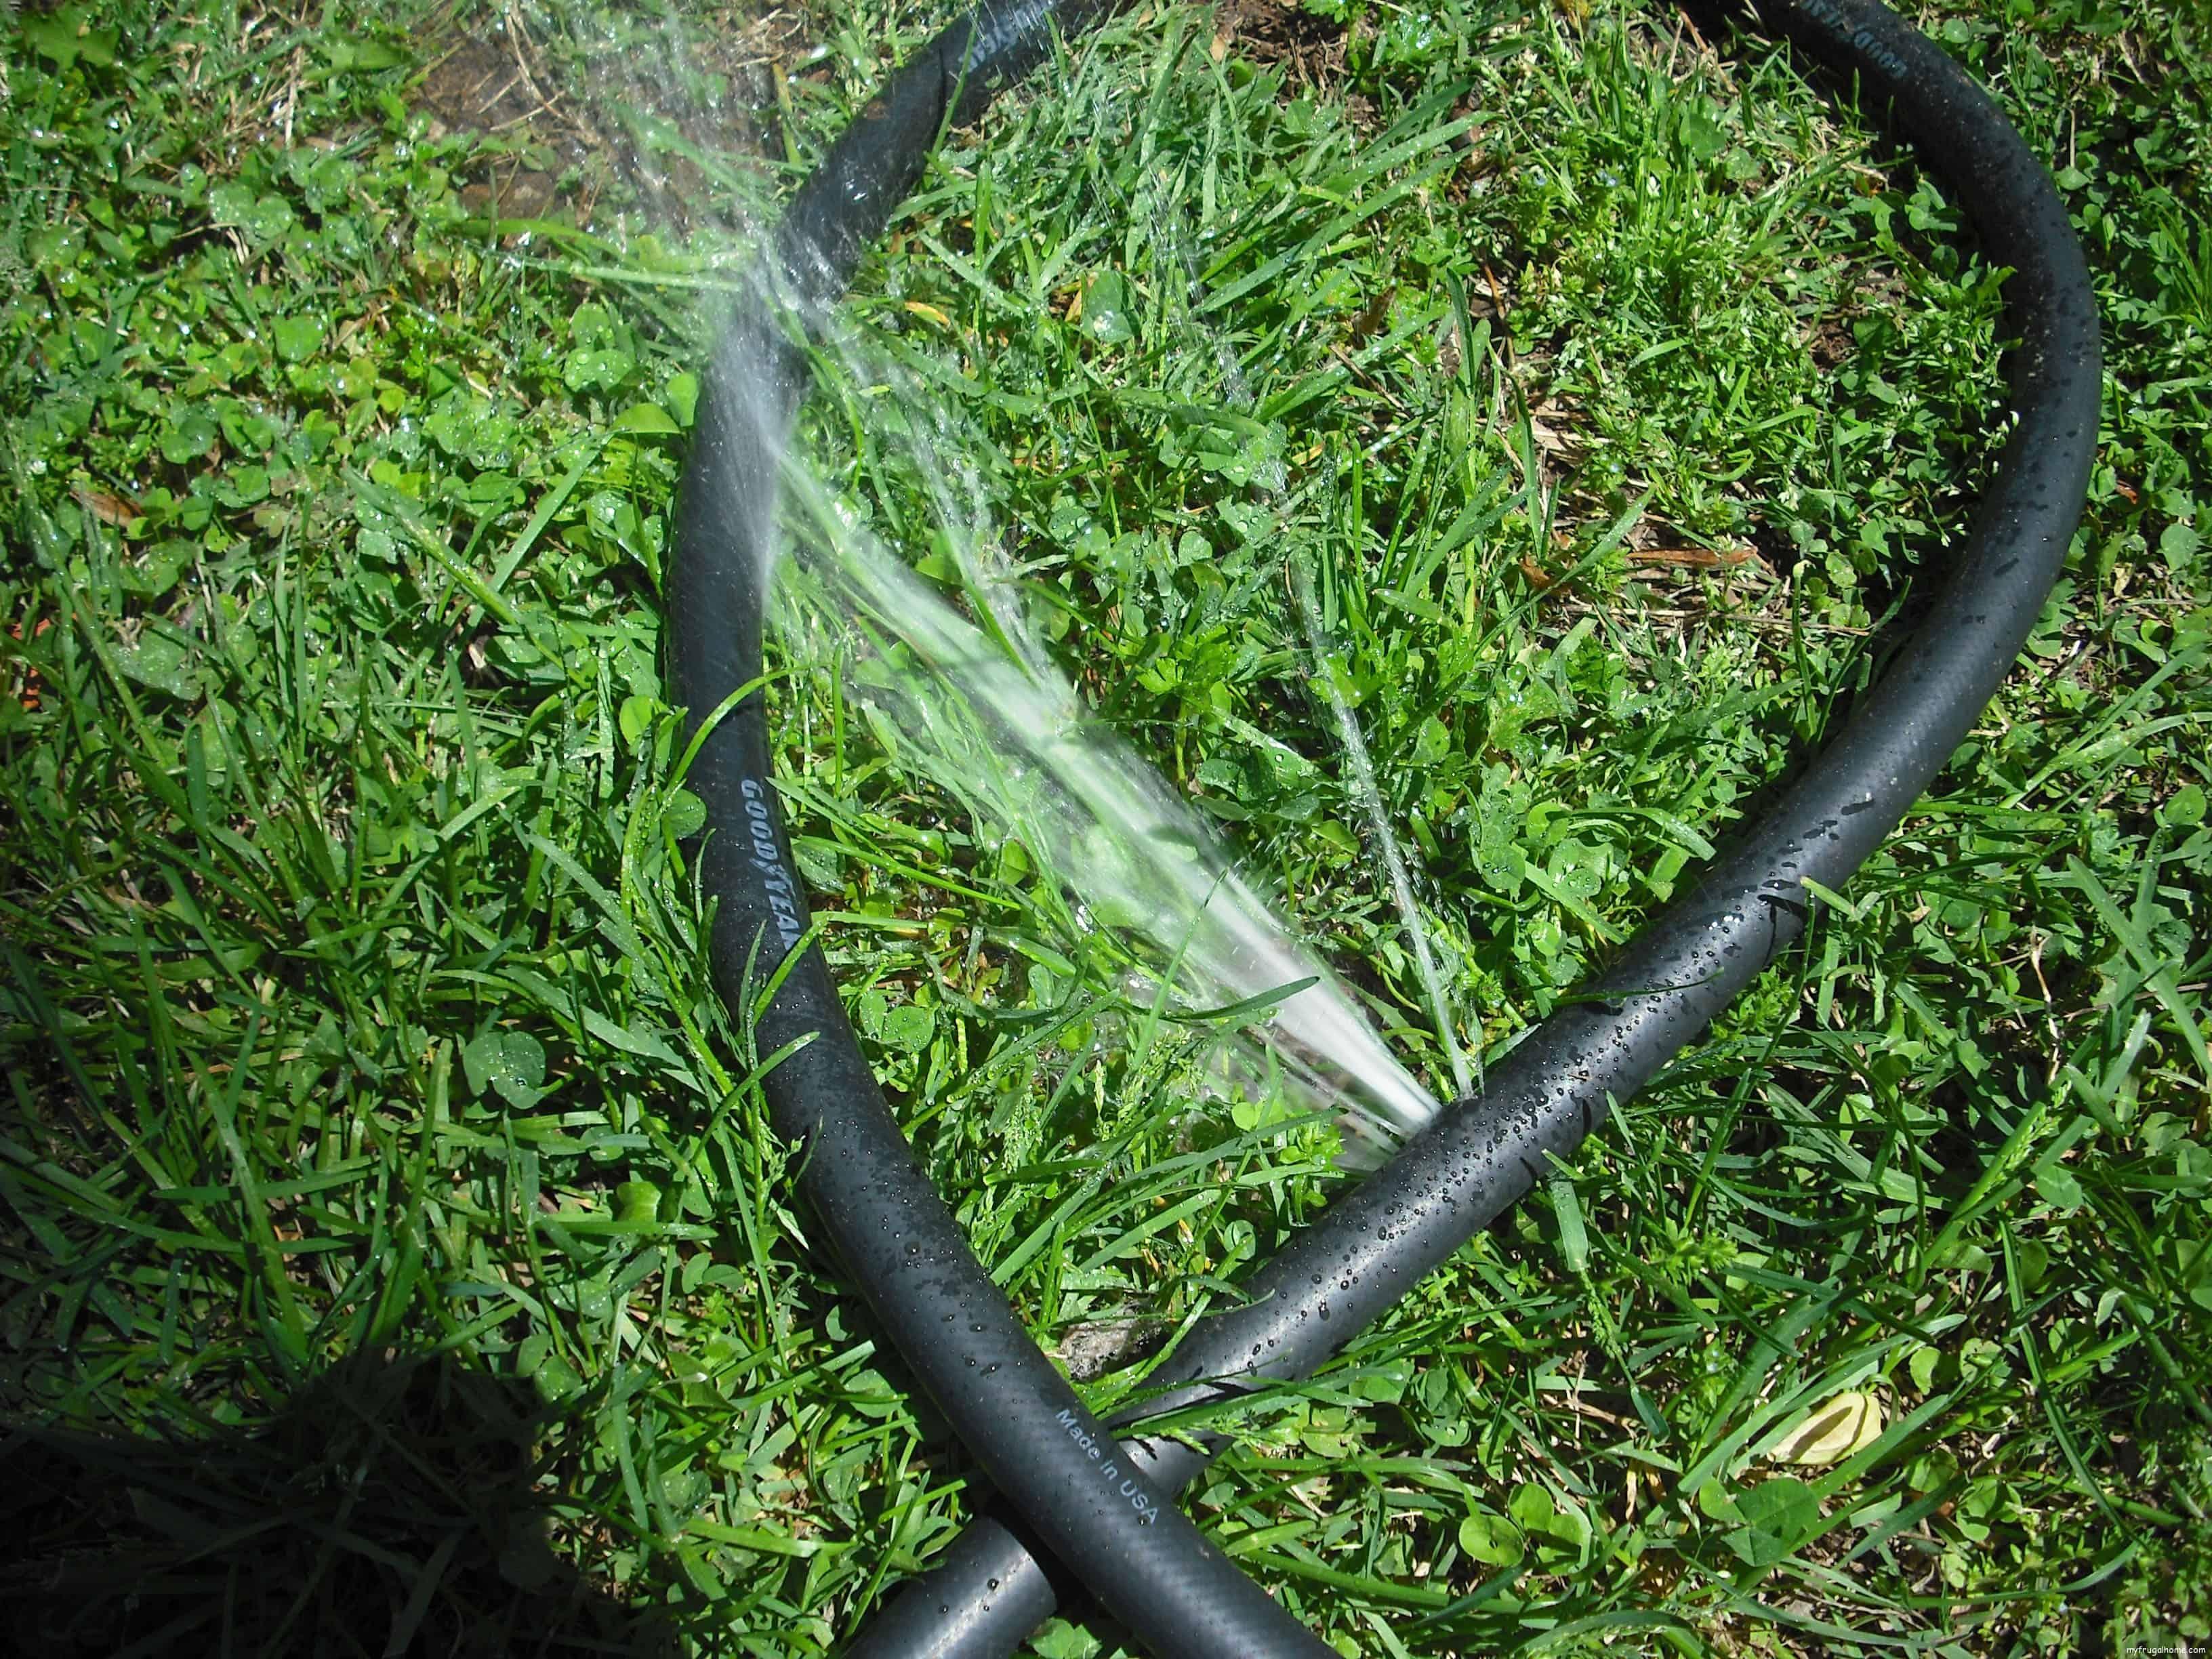 Leaky Garden Hose